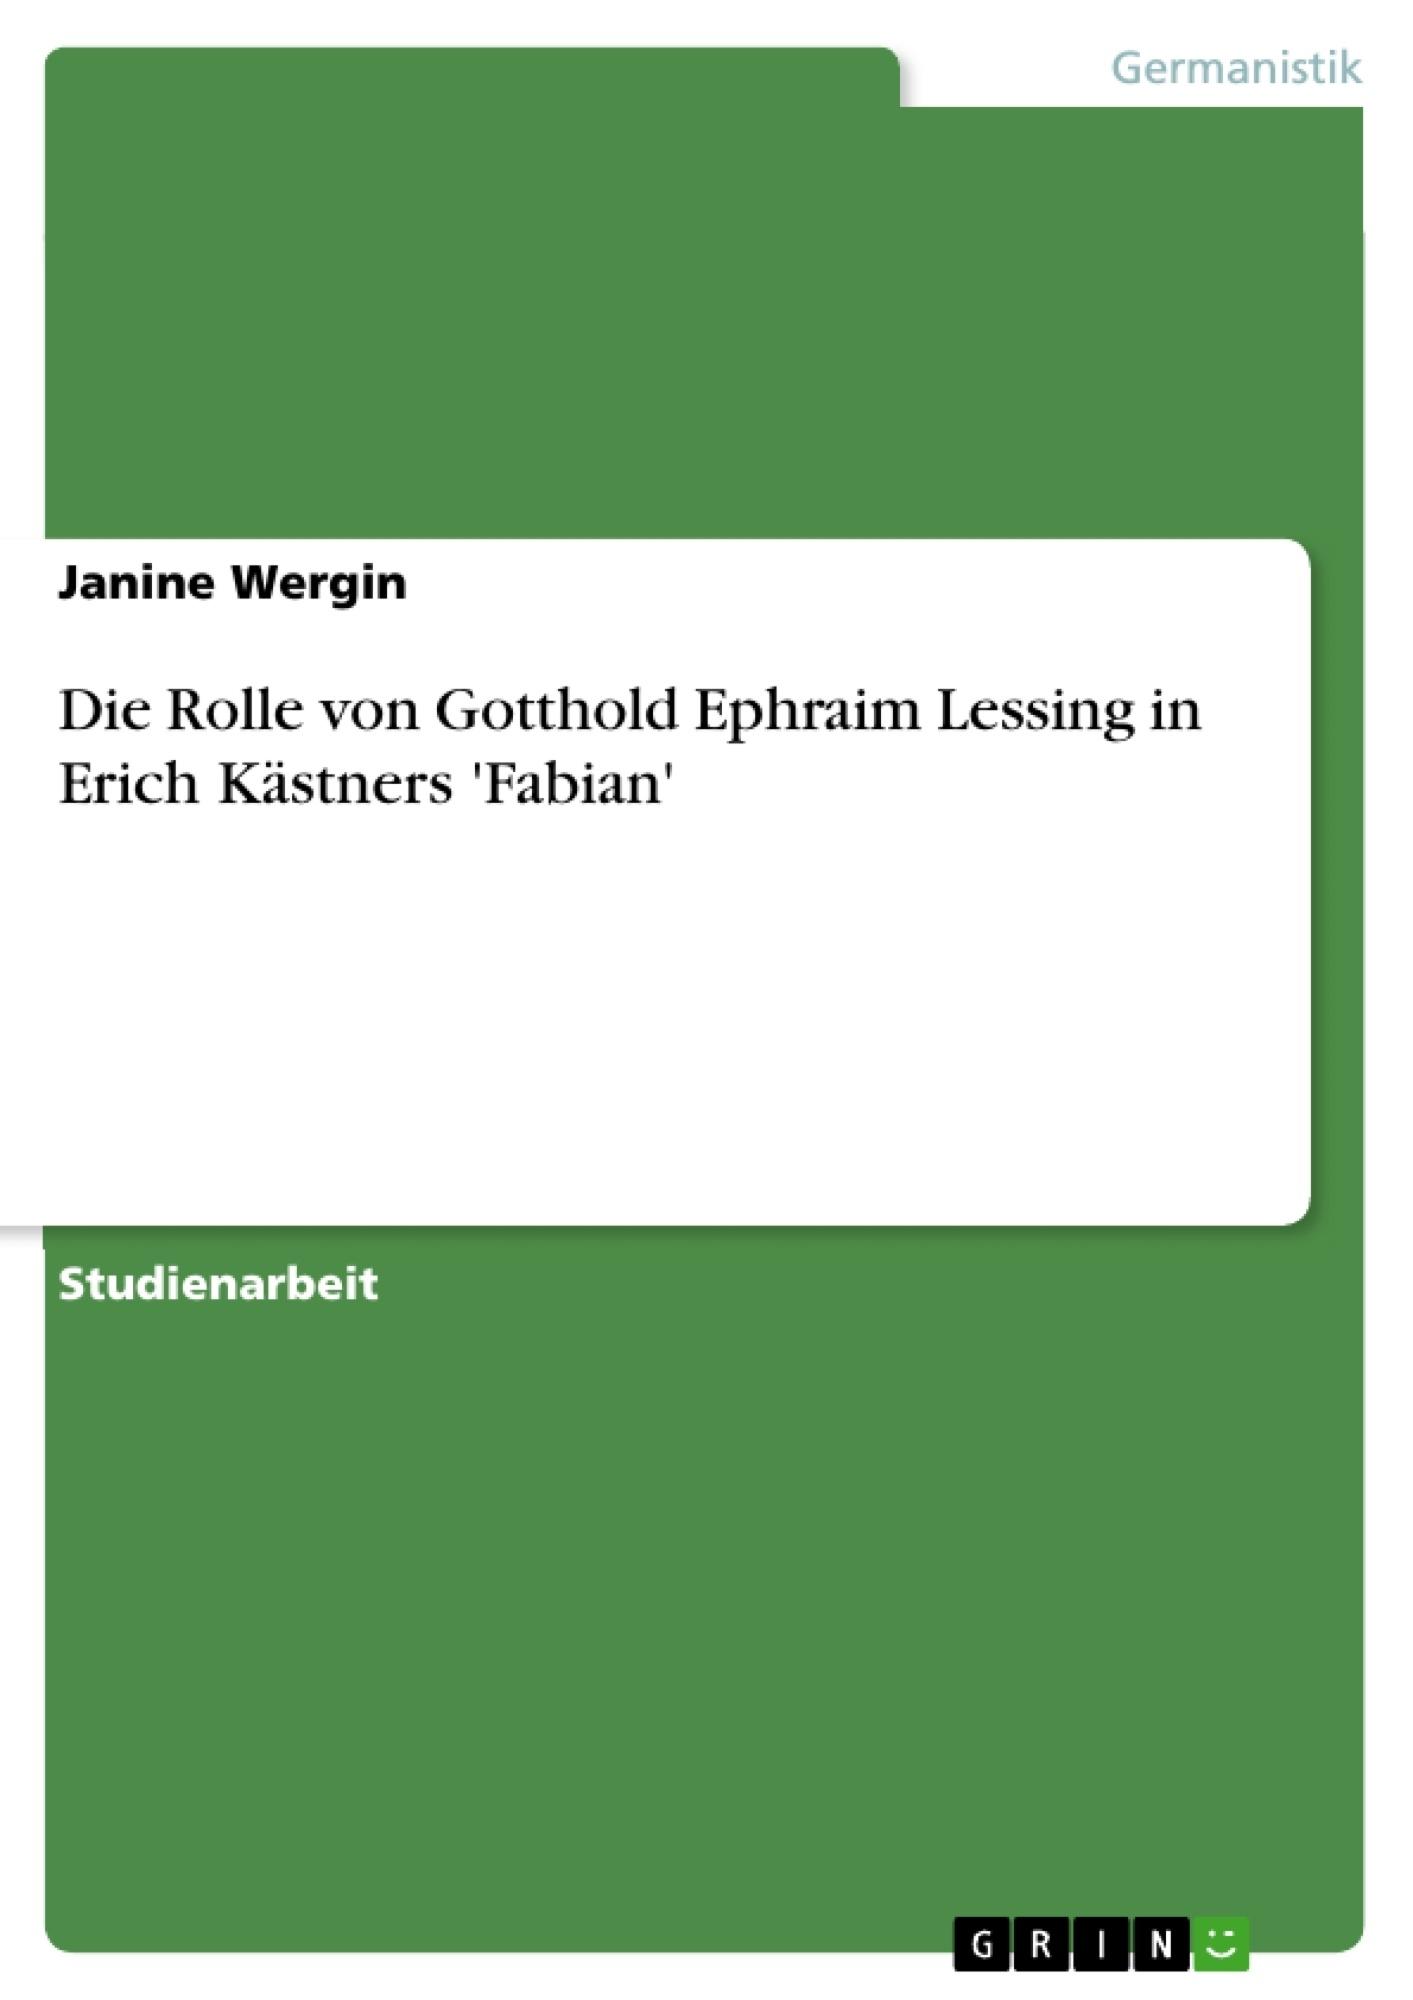 Titel: Die Rolle von Gotthold Ephraim Lessing in Erich Kästners 'Fabian'